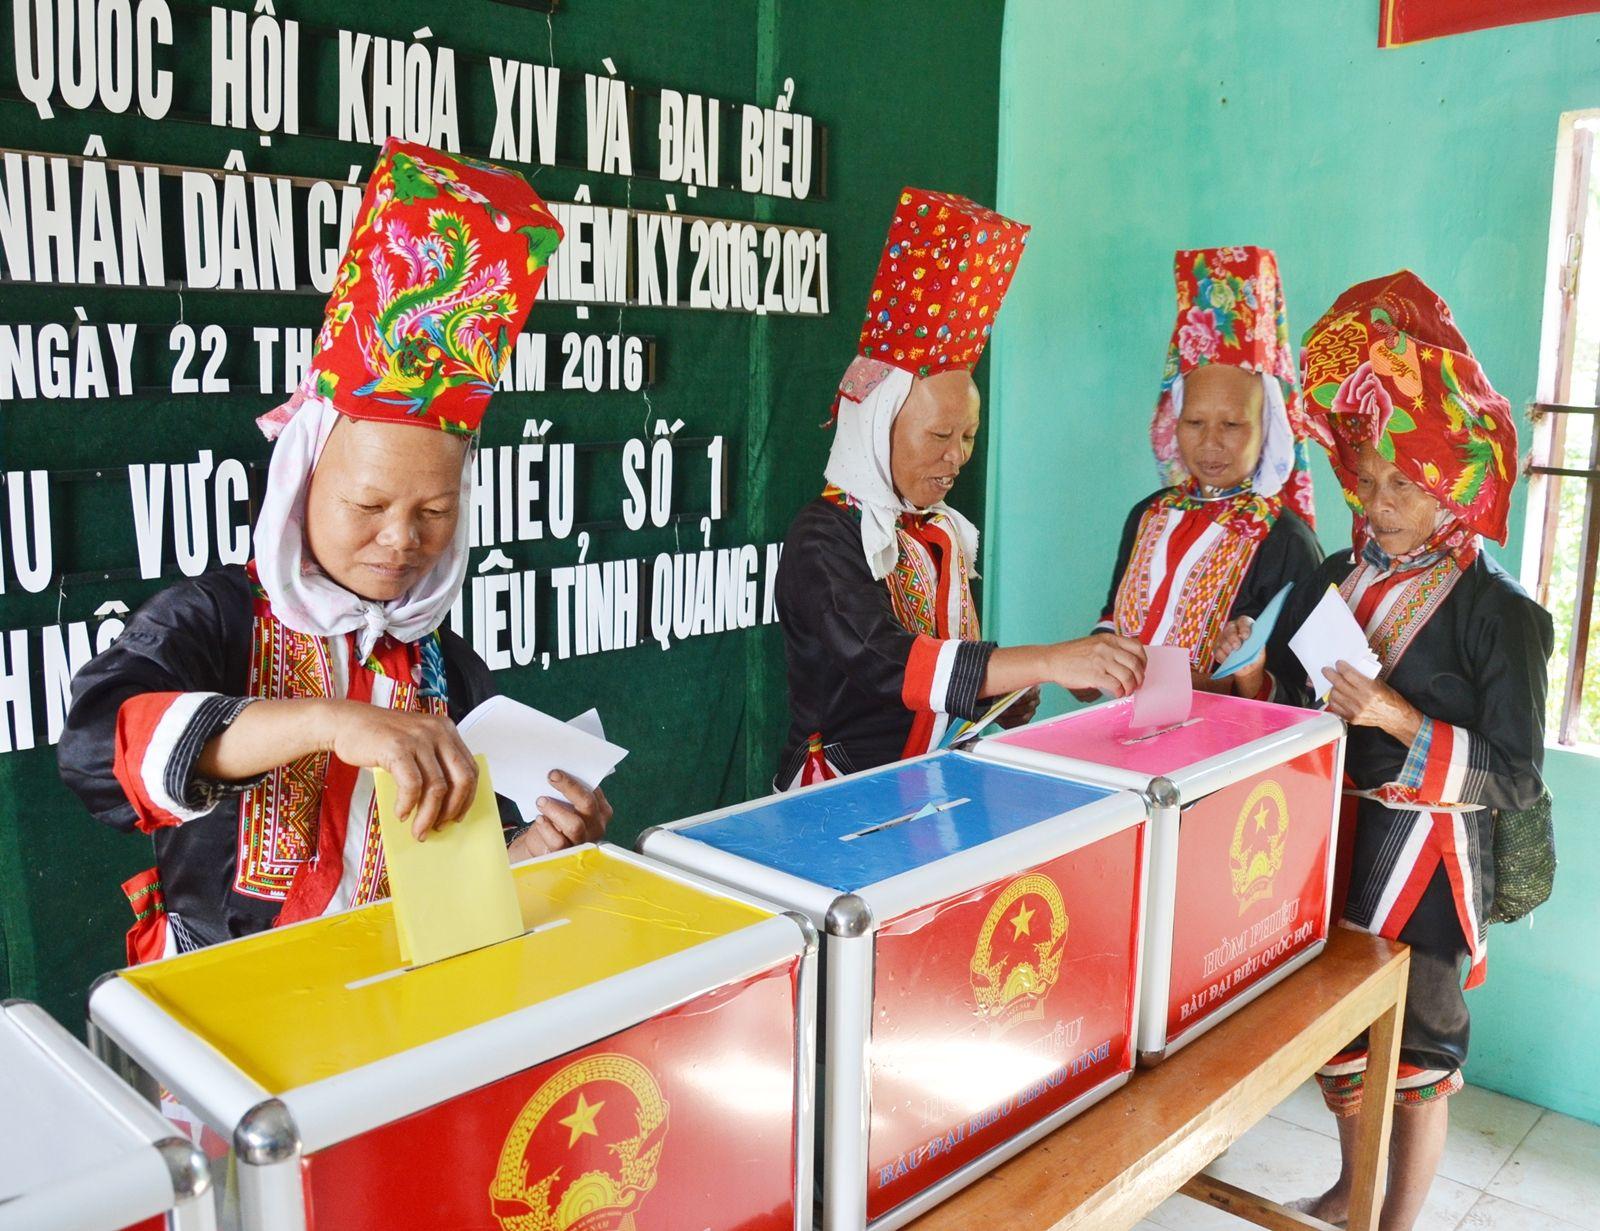 Quang Ninh: 99.66% of electorate cast votes